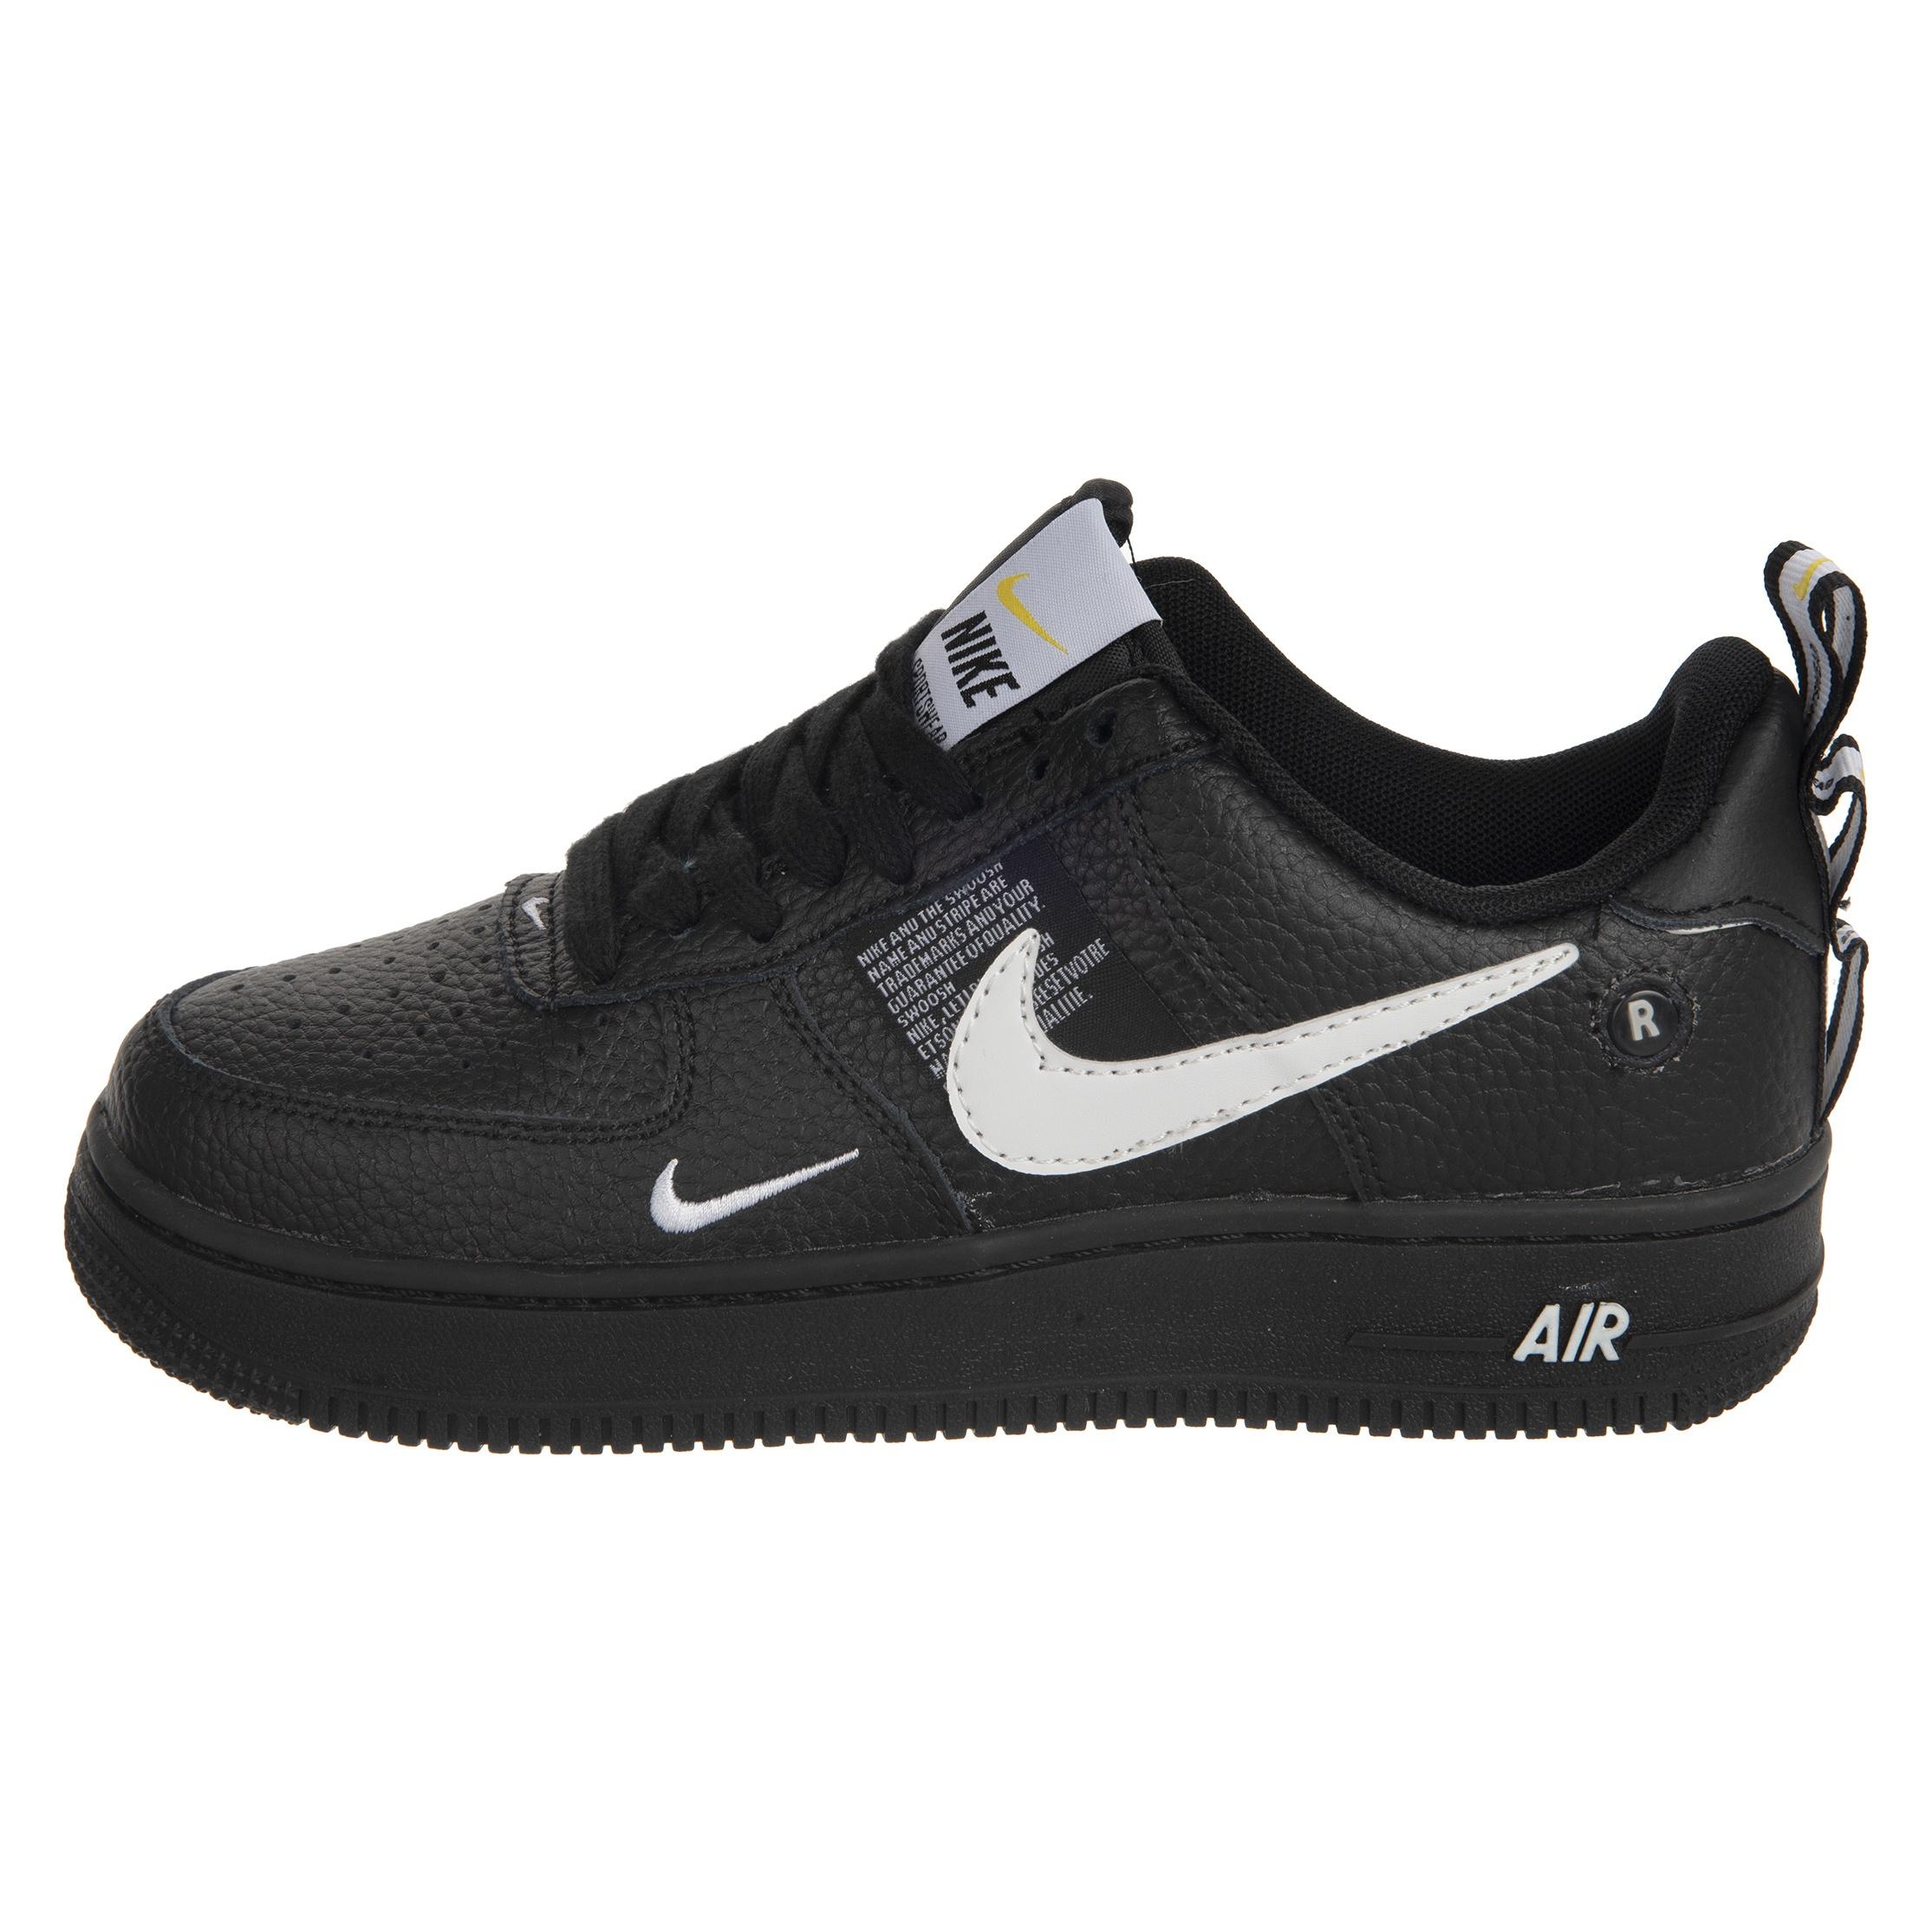 کفش مخصوص پیاده روی زنانه مدل ایر کد 555